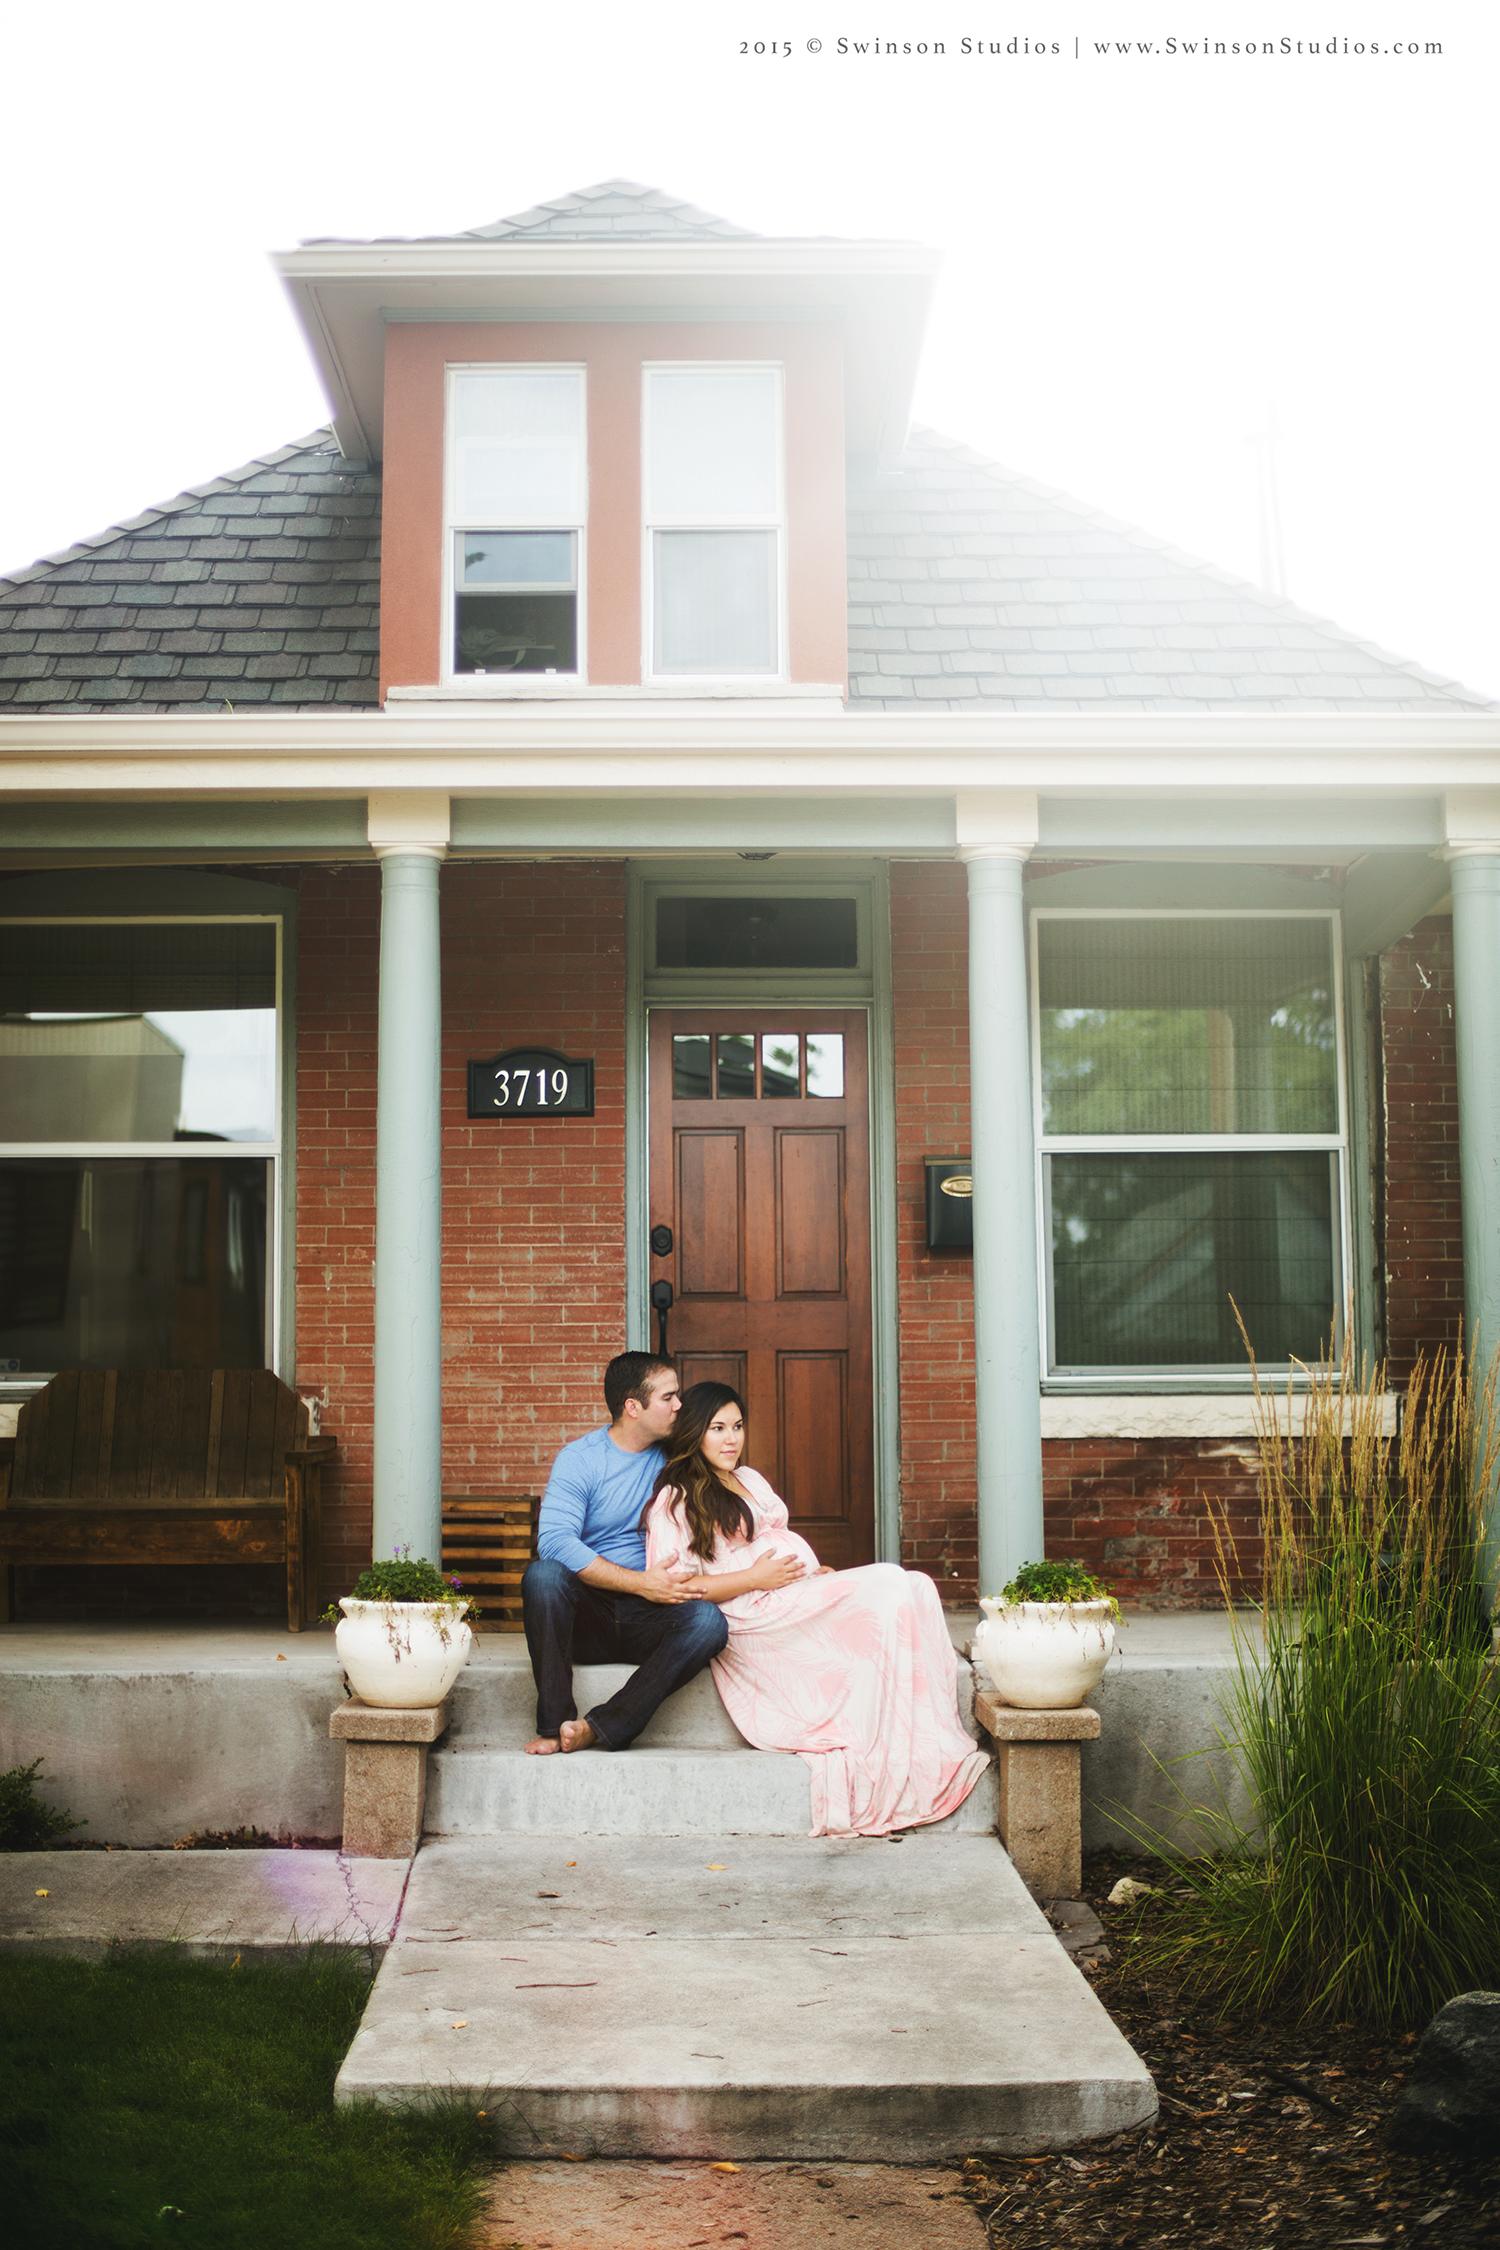 09-Denver-CO-Maternity-Photographer